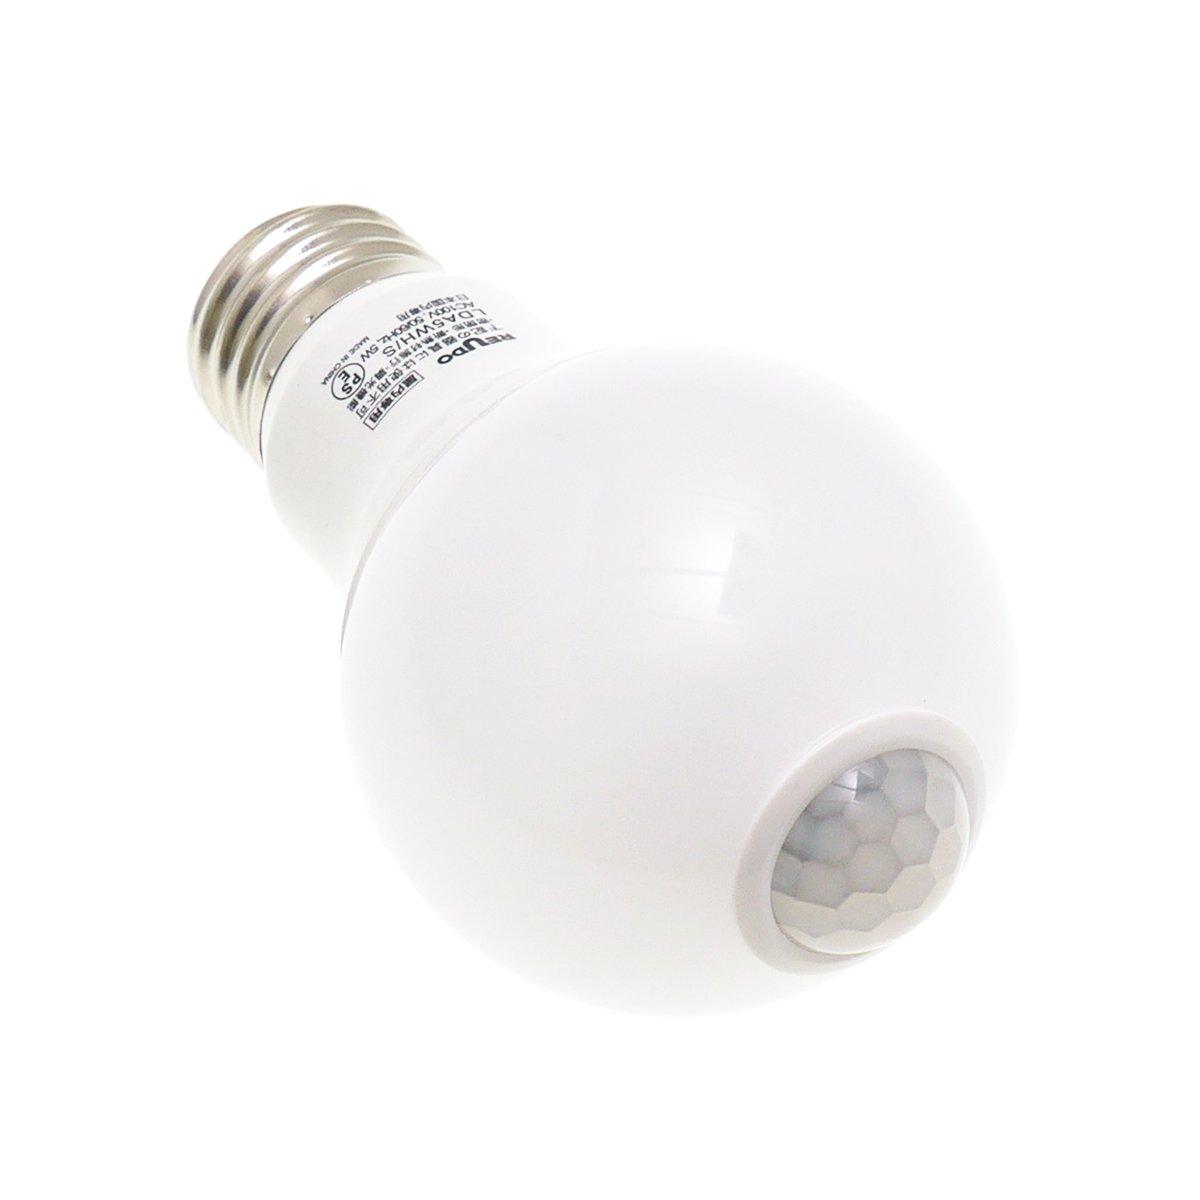 【人感・明るさセンサー付】LED電球 E26口金 400lm 5W 白色(4000K) (1個入り)【明るさ10ルクス以下で動作・中途半端に日中点灯しません】